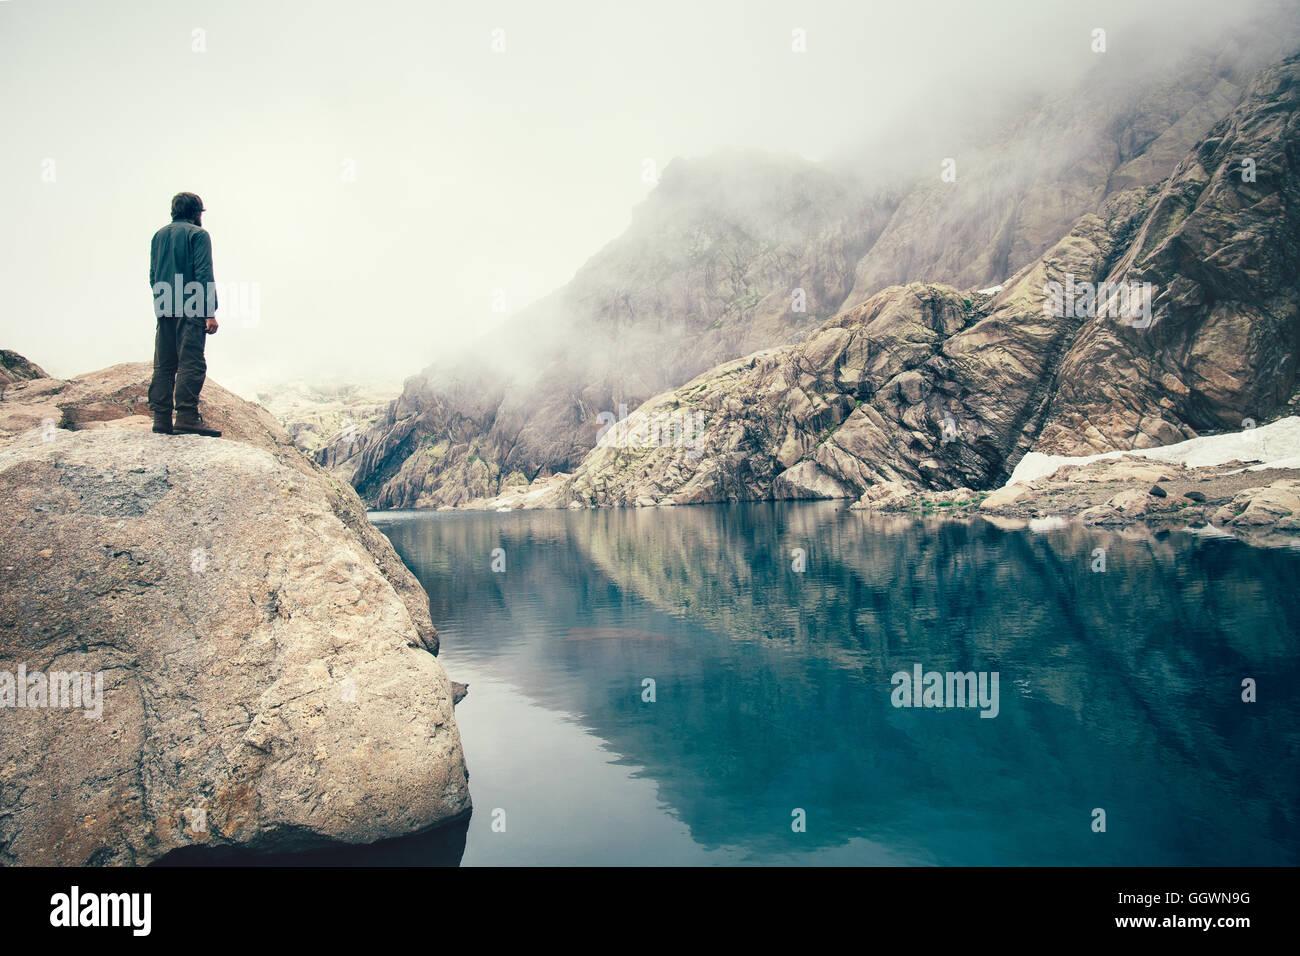 L'uomo Traveler in piedi da sola sulla scogliera di pietra lago e Misty Mountains sullo sfondo di viaggio il concetto Foto Stock